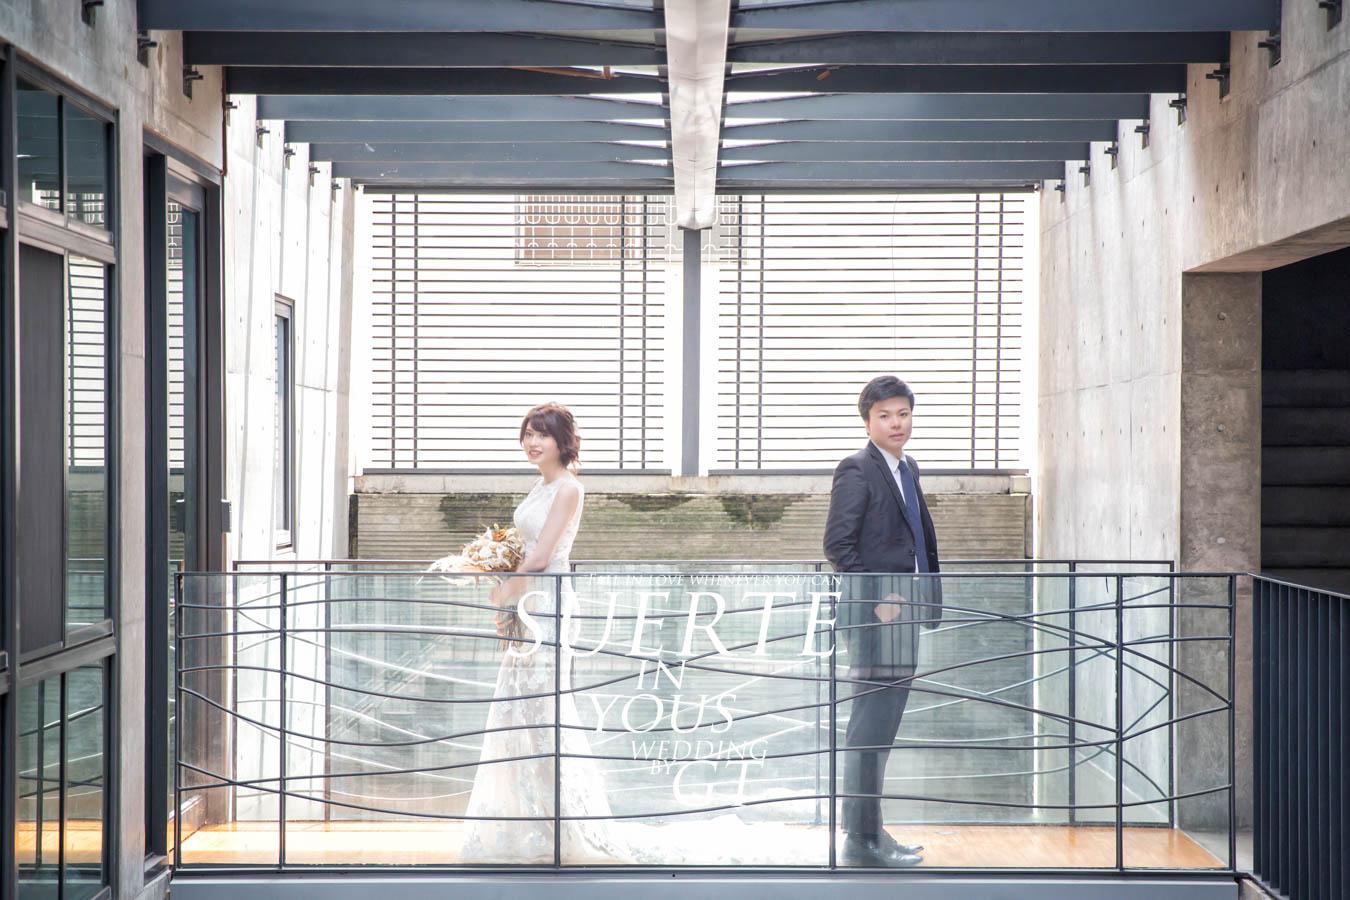 自助婚紗 | 遵豐+翎禎  PREWEDDING GT拍攝 |國內婚紗|台中婚紗